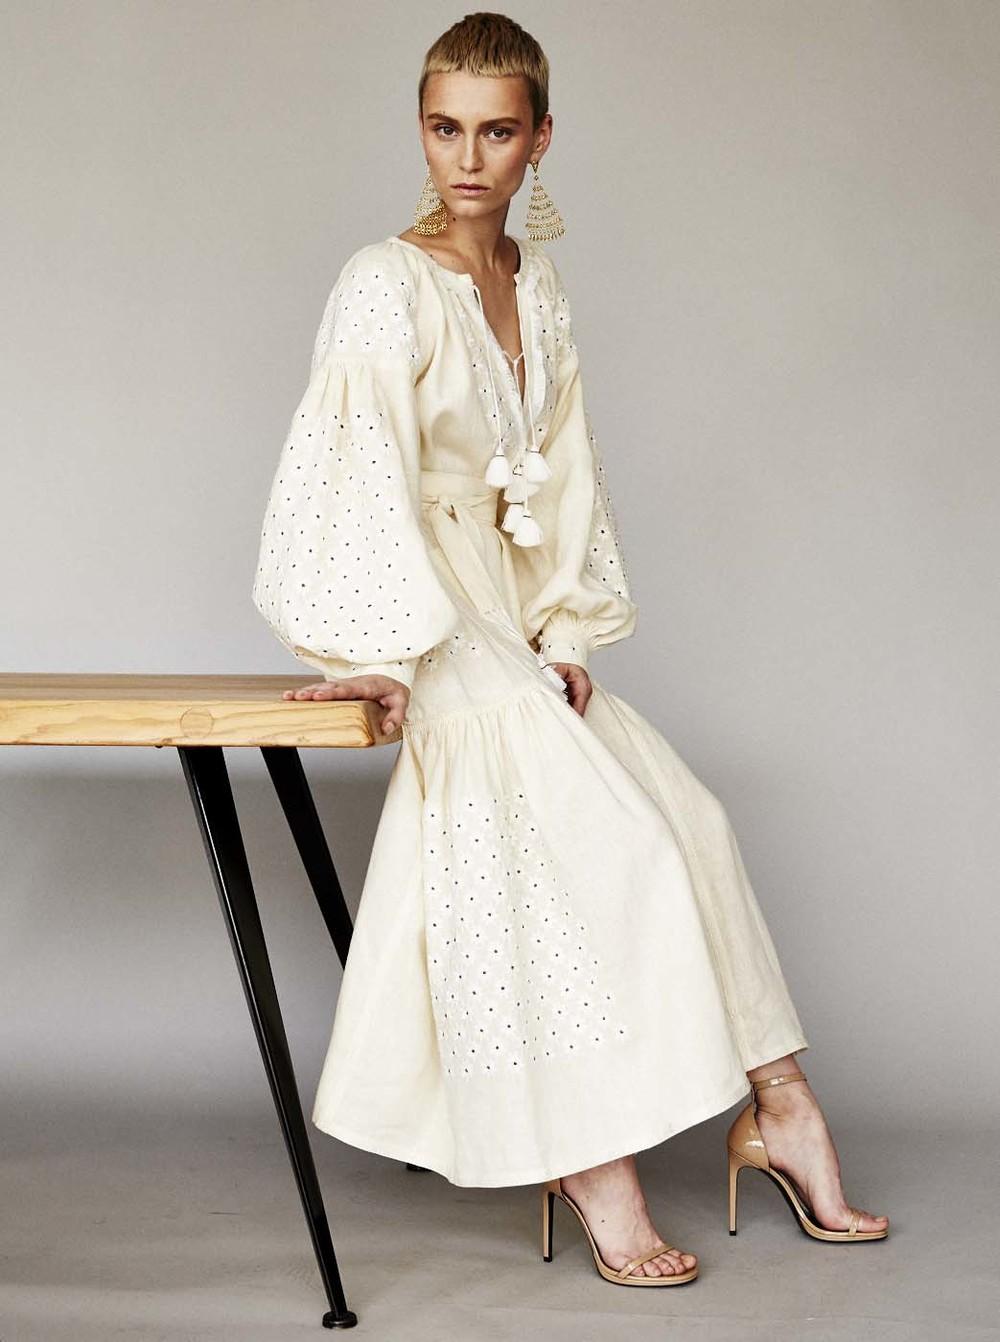 dress by vita kin, shoes by saint laurent, table by jean prouvé